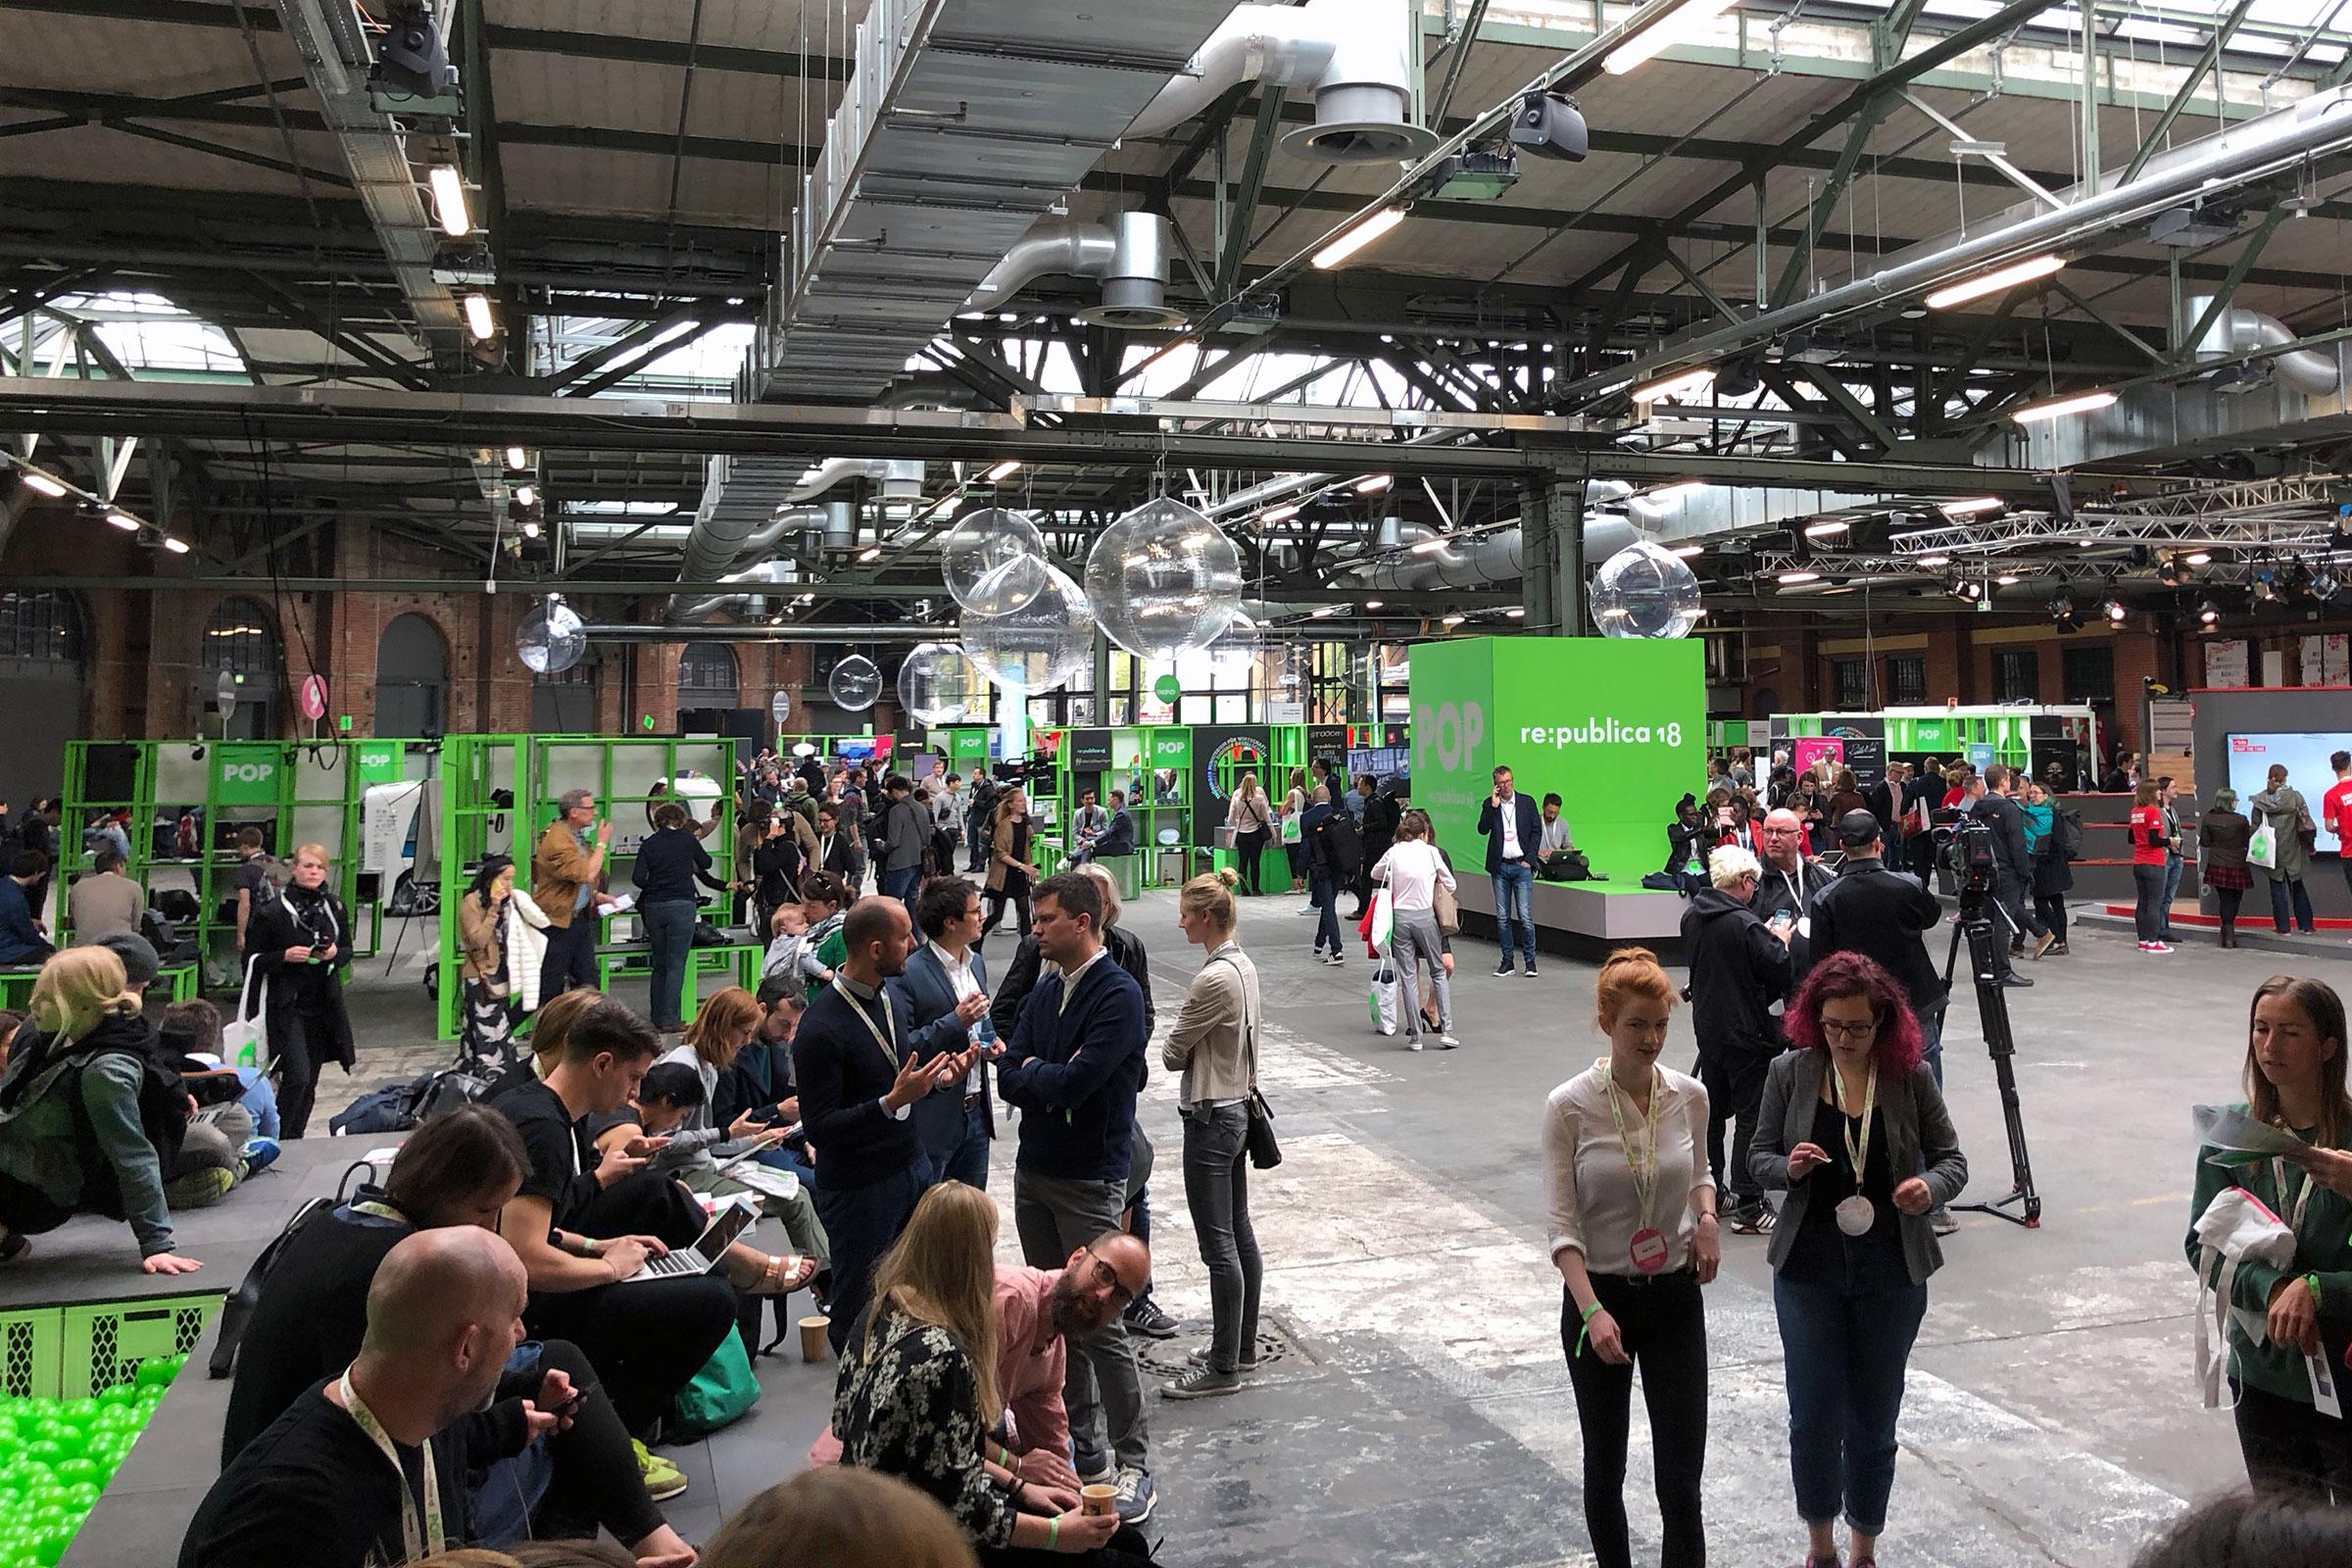 Viele Menschen in einer Halle, im Hintergrund ein grüner Würfel.